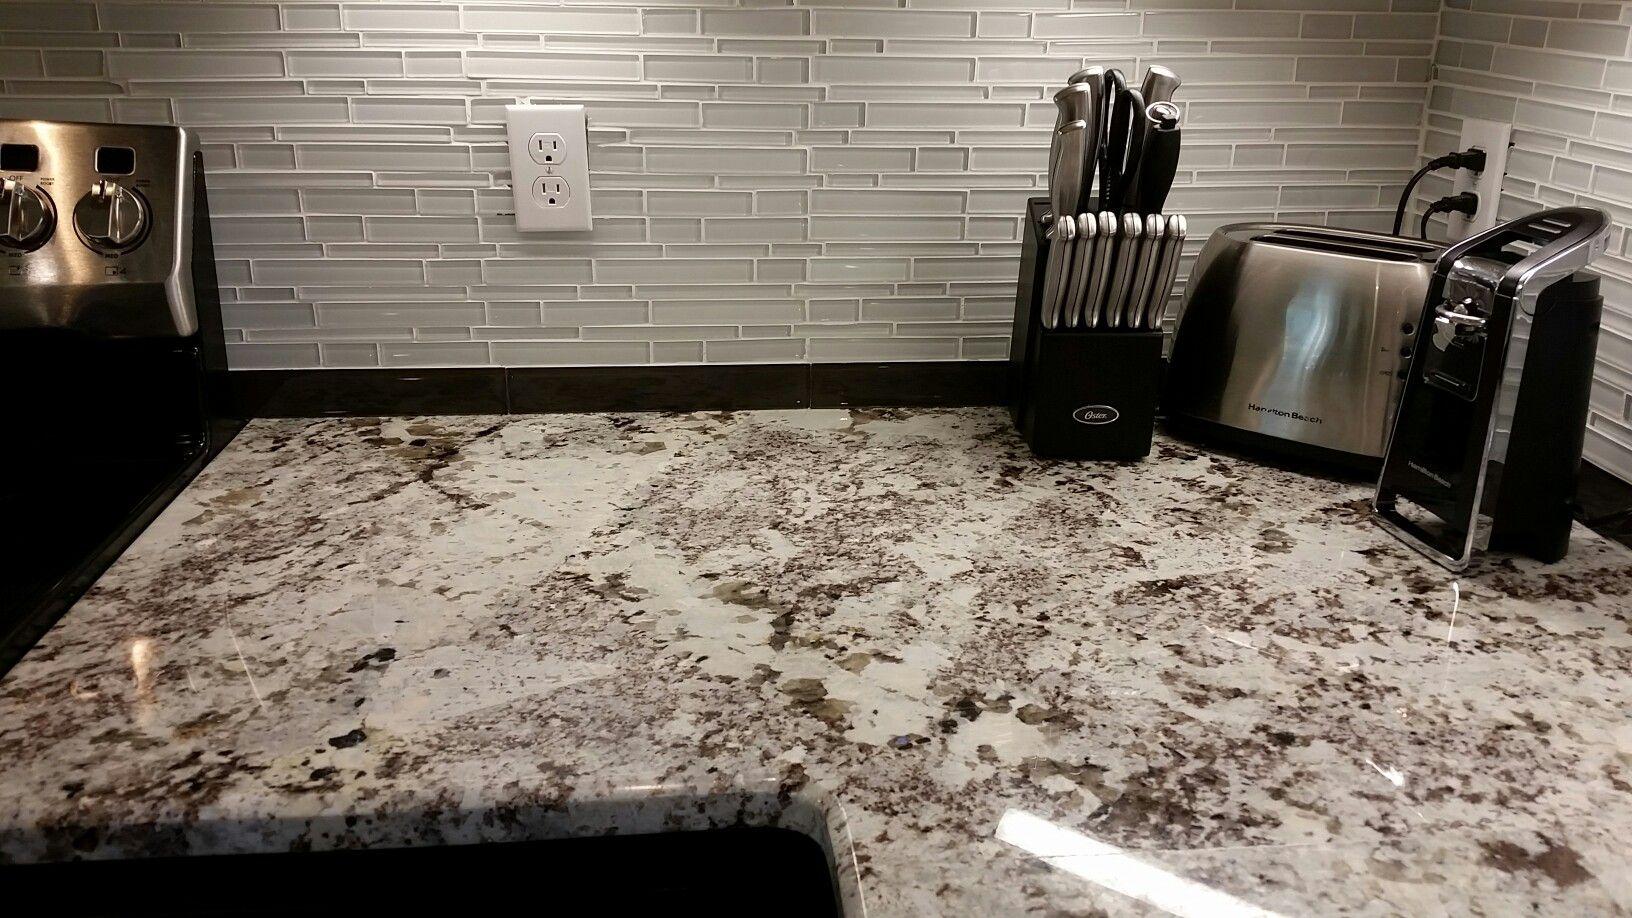 Alaska White Granite Glass Tile Backsplash White Granite White